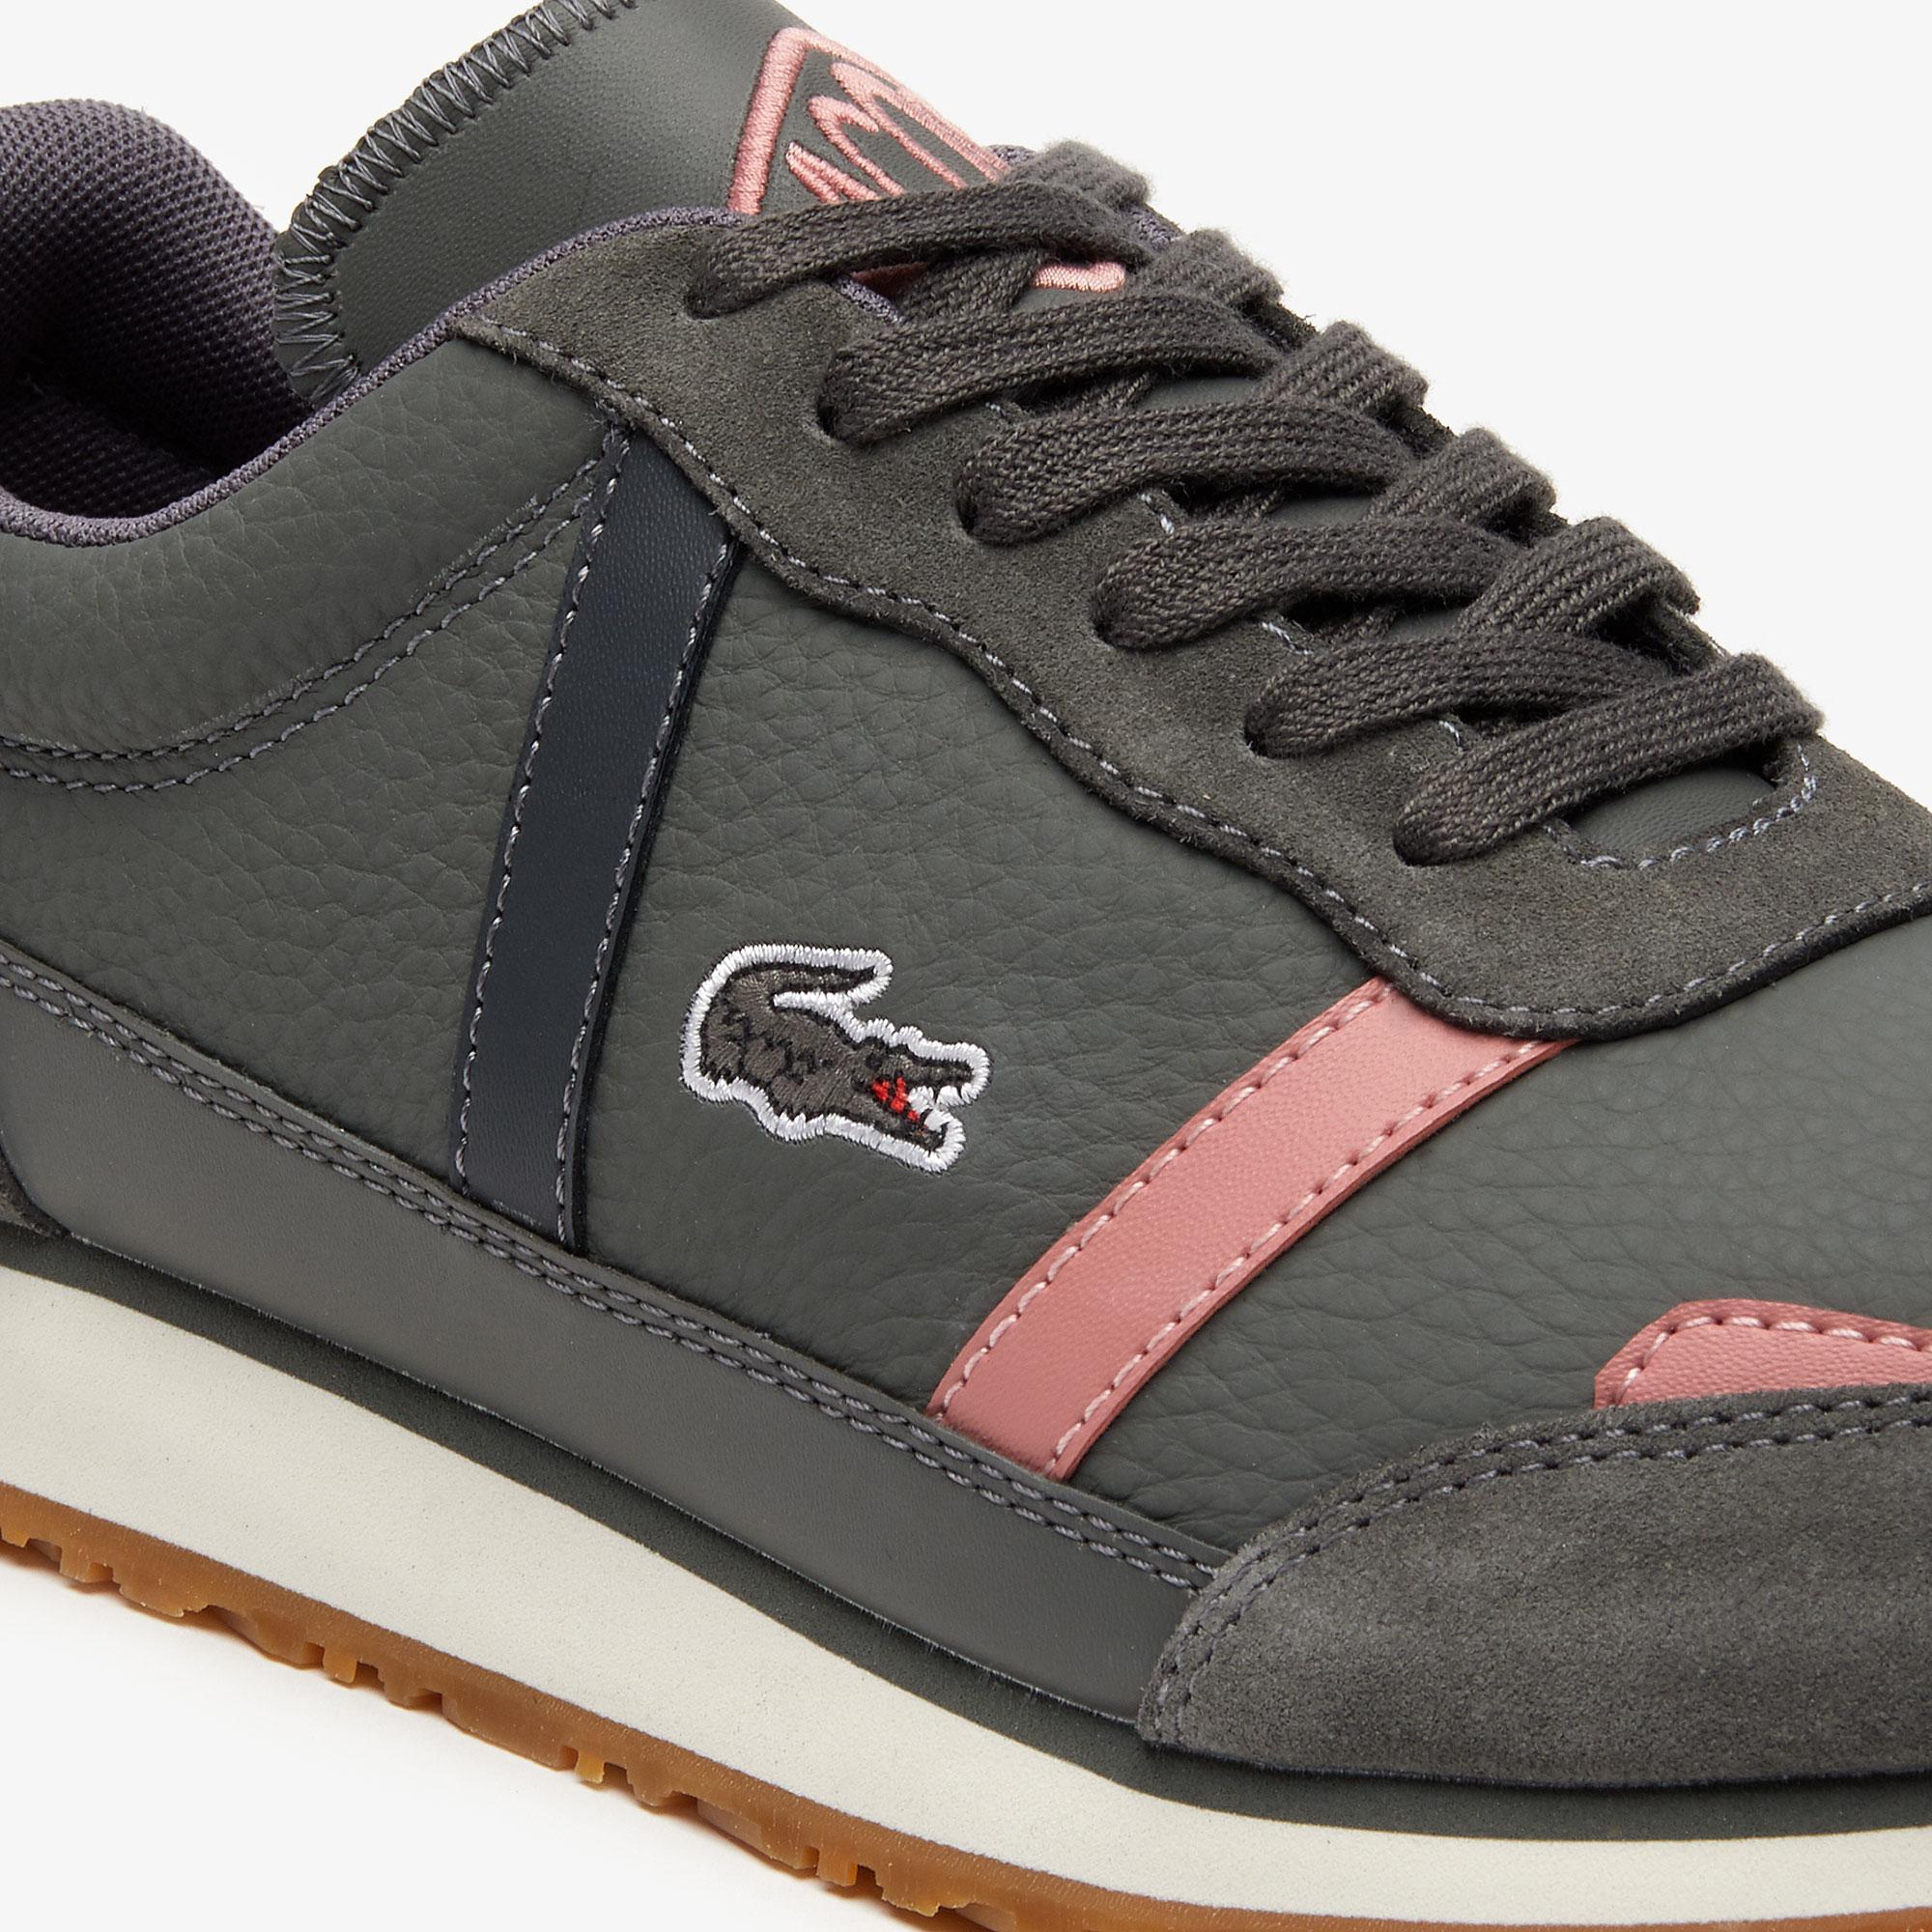 Lacoste Partner 319 1 Women's Sneakers